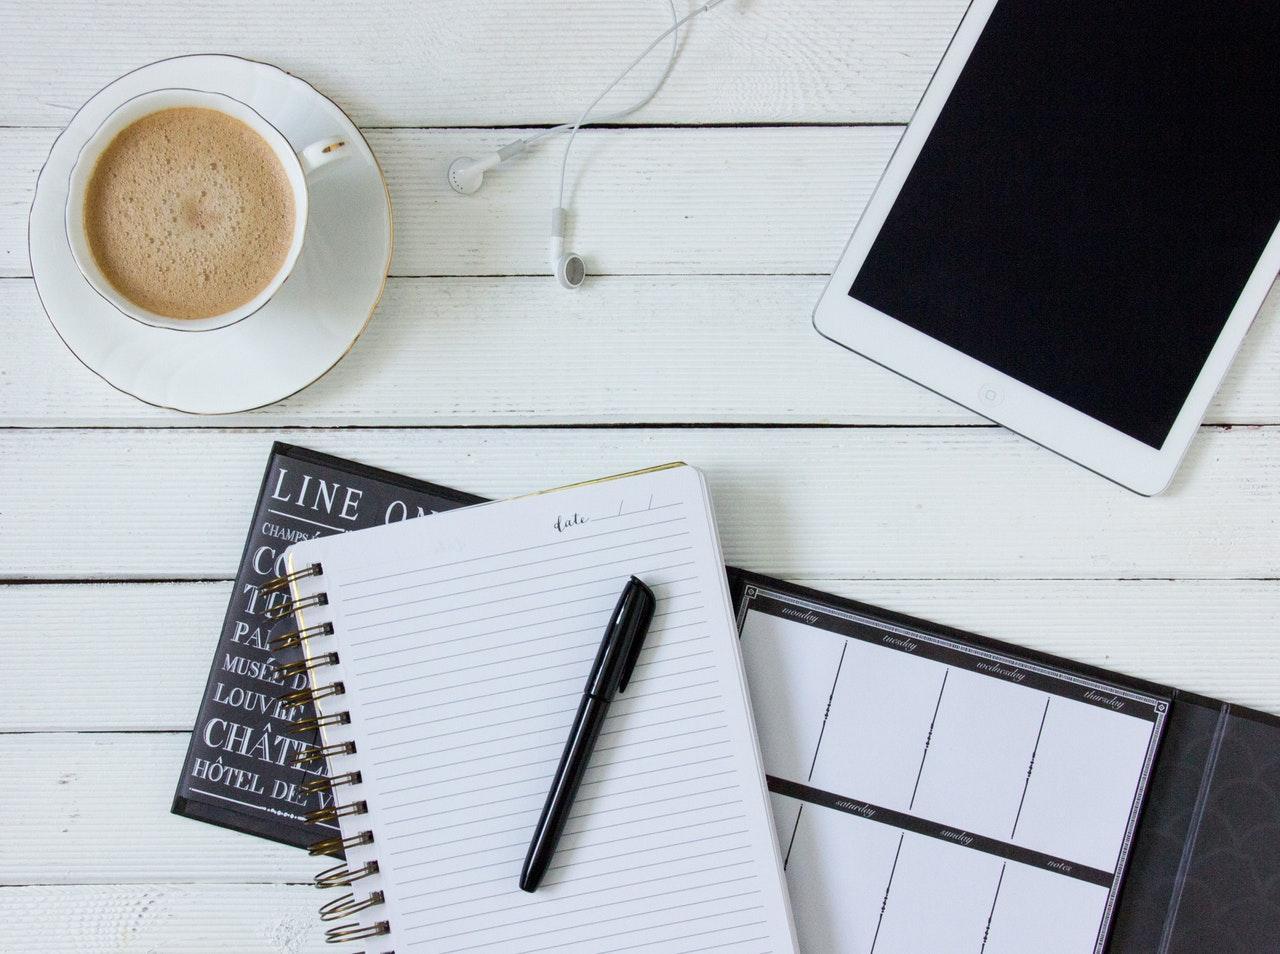 coffee-tablet-headphones-work-163187-1501173546326.jpeg